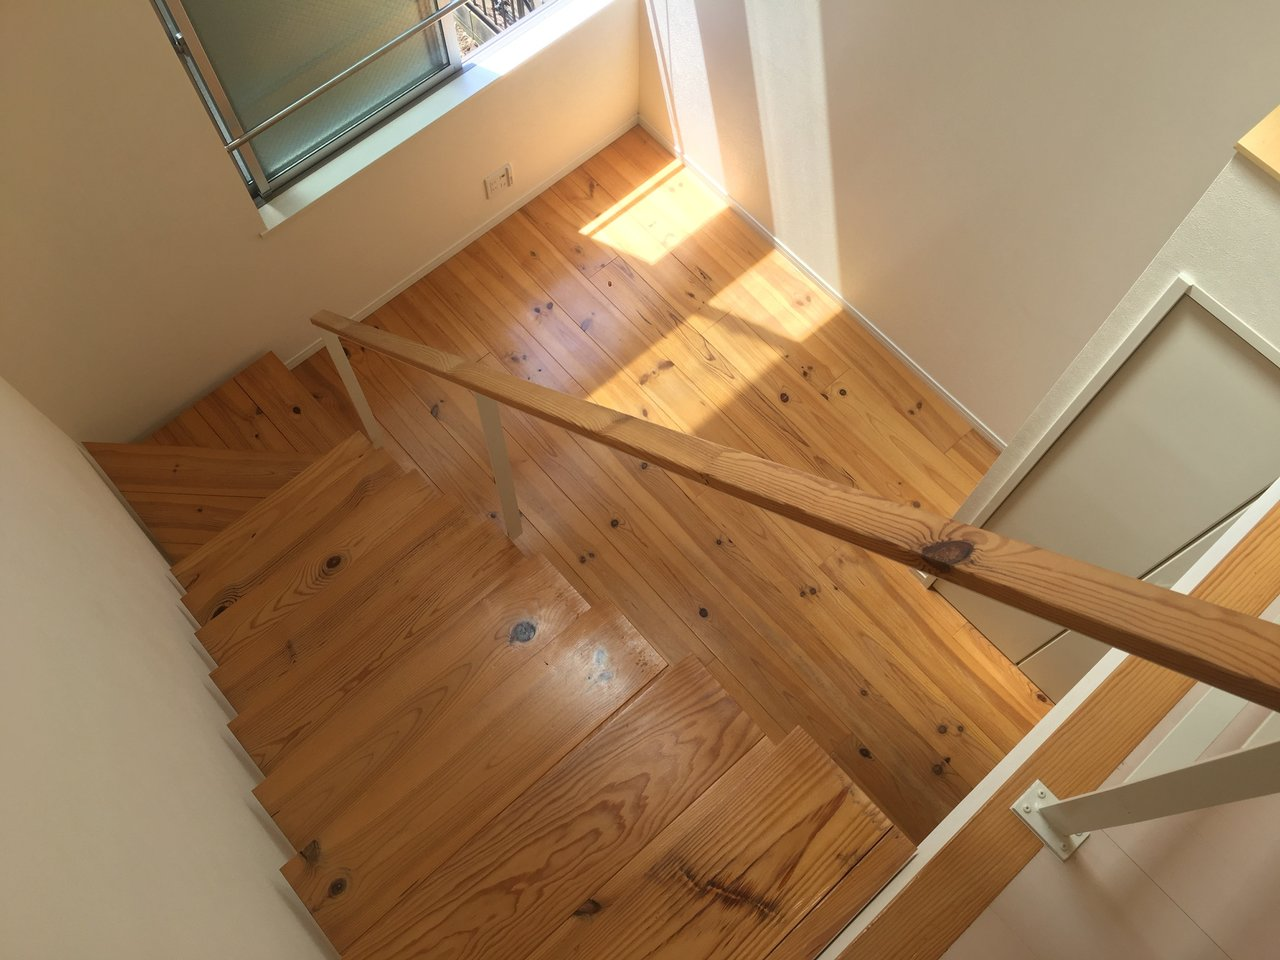 階段はしっかり目。あたたかい印象の木目のテイストがうれしい。背伸びしながらロフトから降りてきたくなっちゃう。